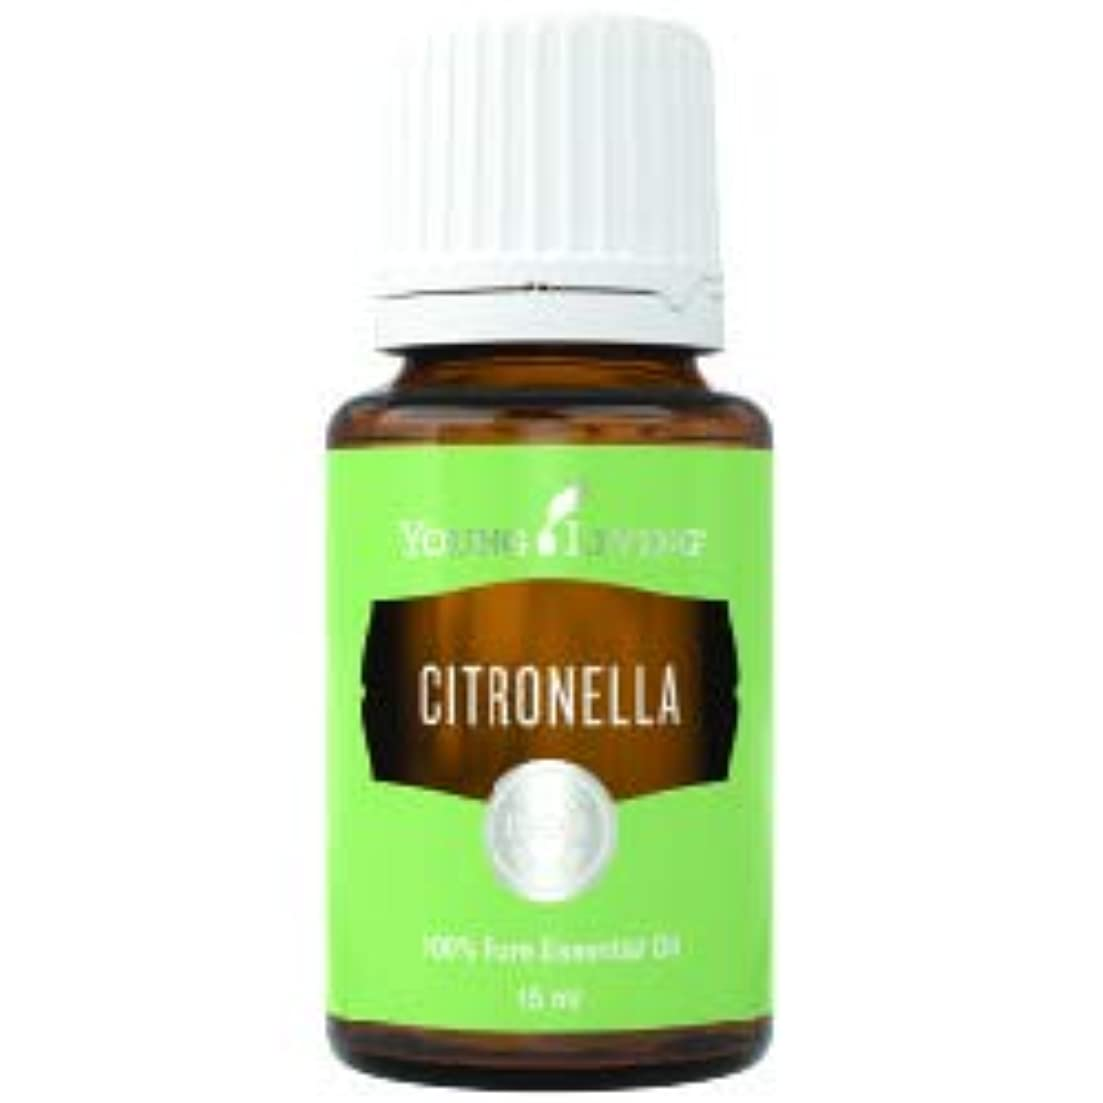 マーケティング積極的に有力者シトロネラエッセンシャルオイル15 ml byヤングリビングマレーシア Citronella Essential Oil 15 ml by Young Living Malaysia